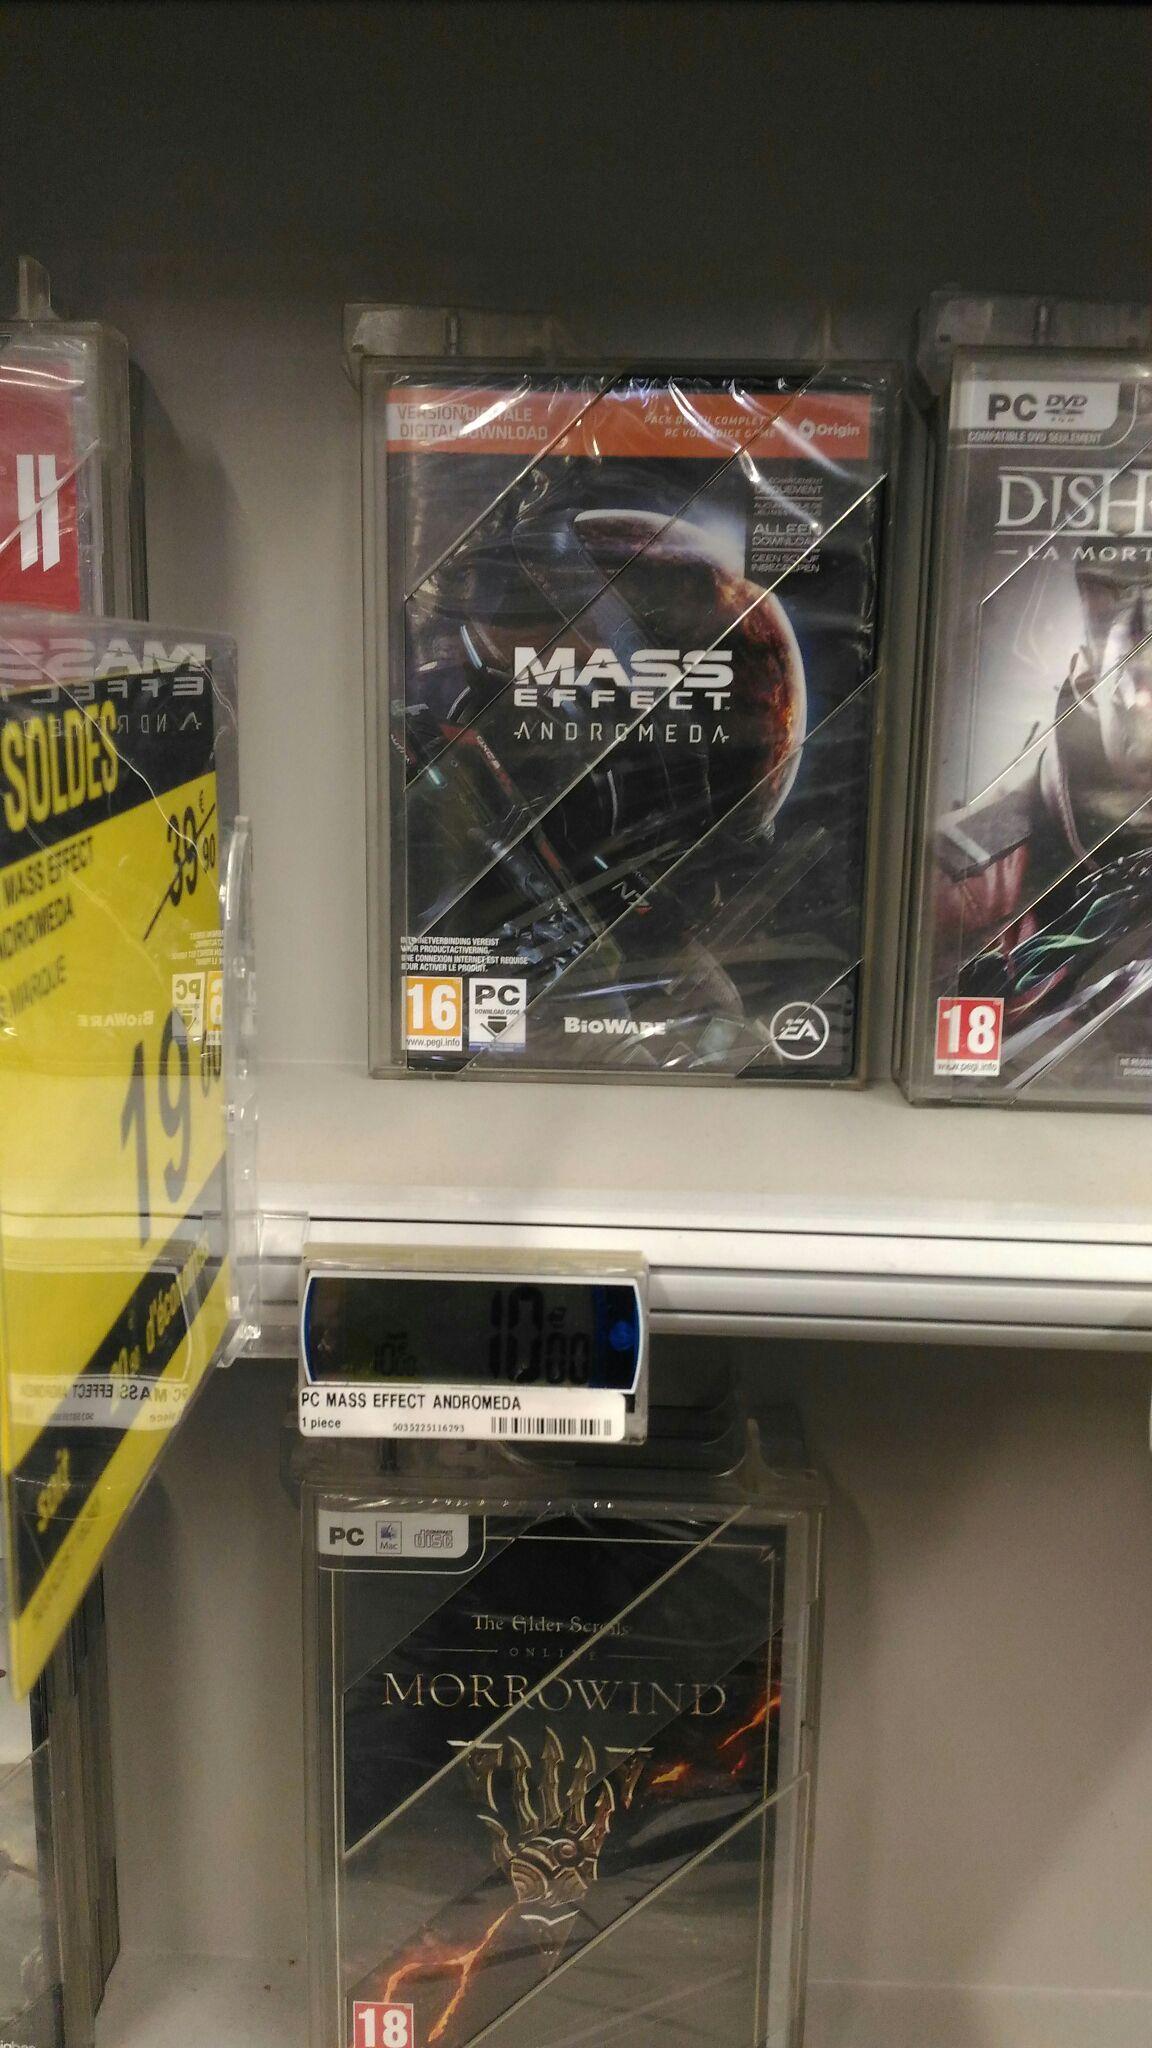 Mass Effect: Andromeda sur PC chez Carrefour La Beaujoire Nantes (44)